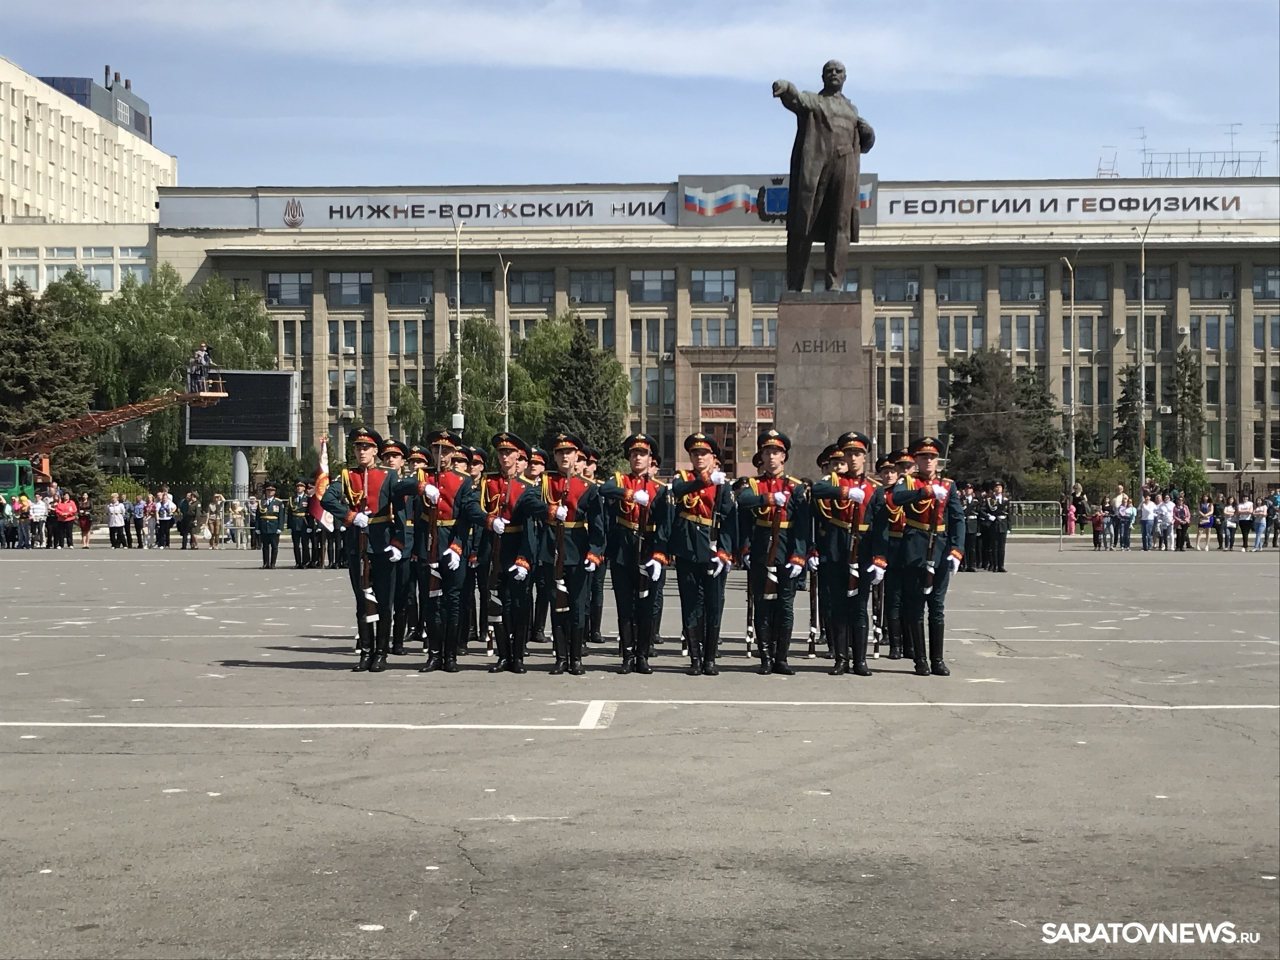 Военное шоу на Театральной площади